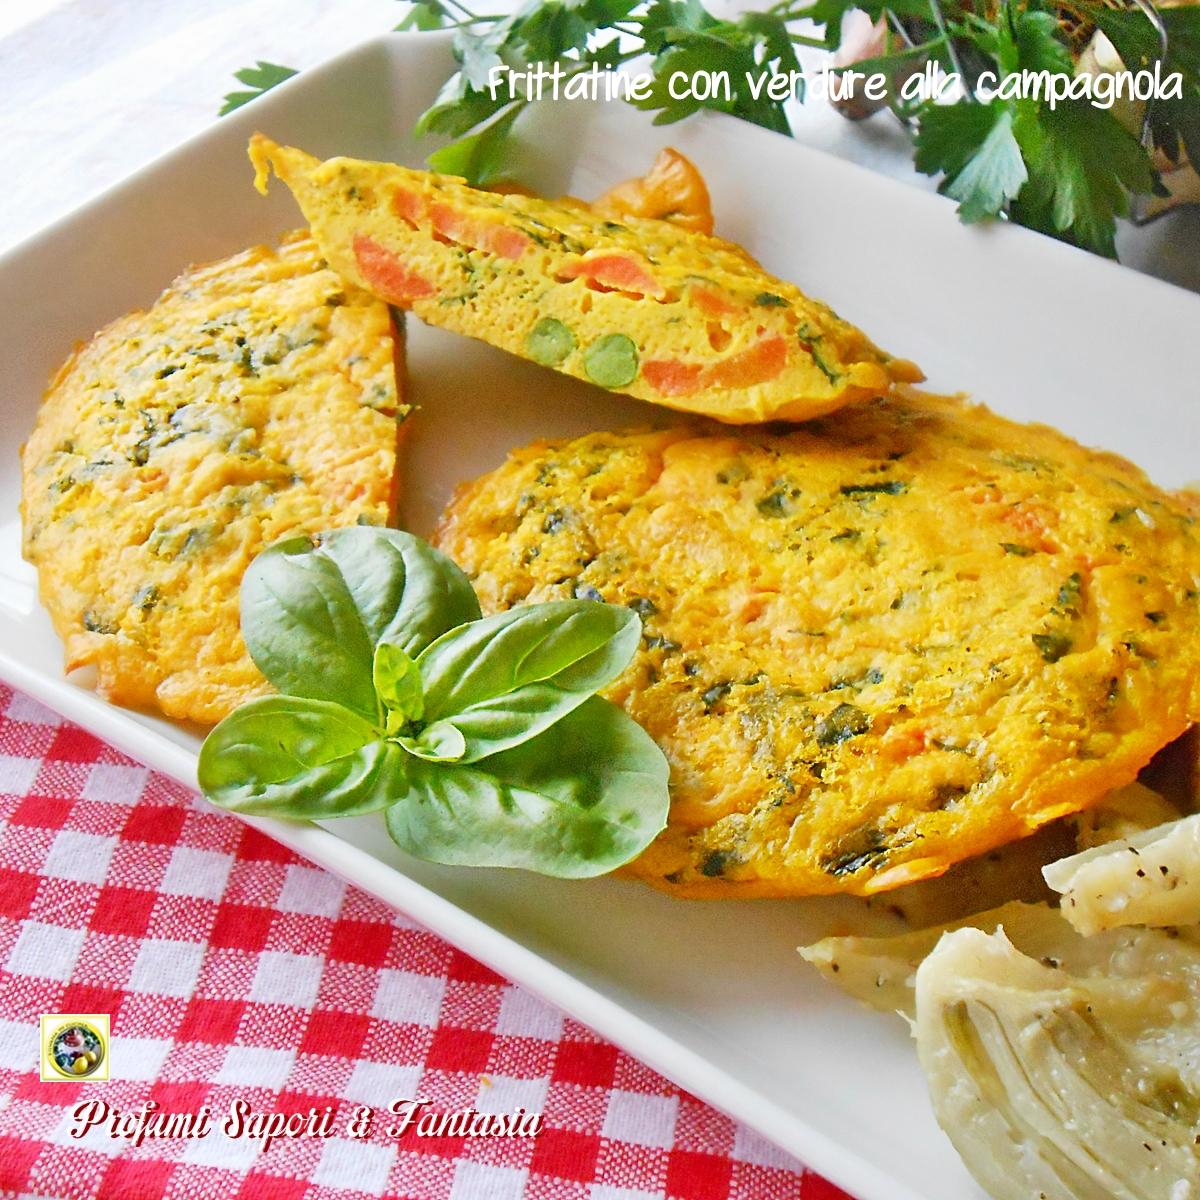 Frittatine con verdure alla campagnola Blog Profumi Sapori & Fantasia